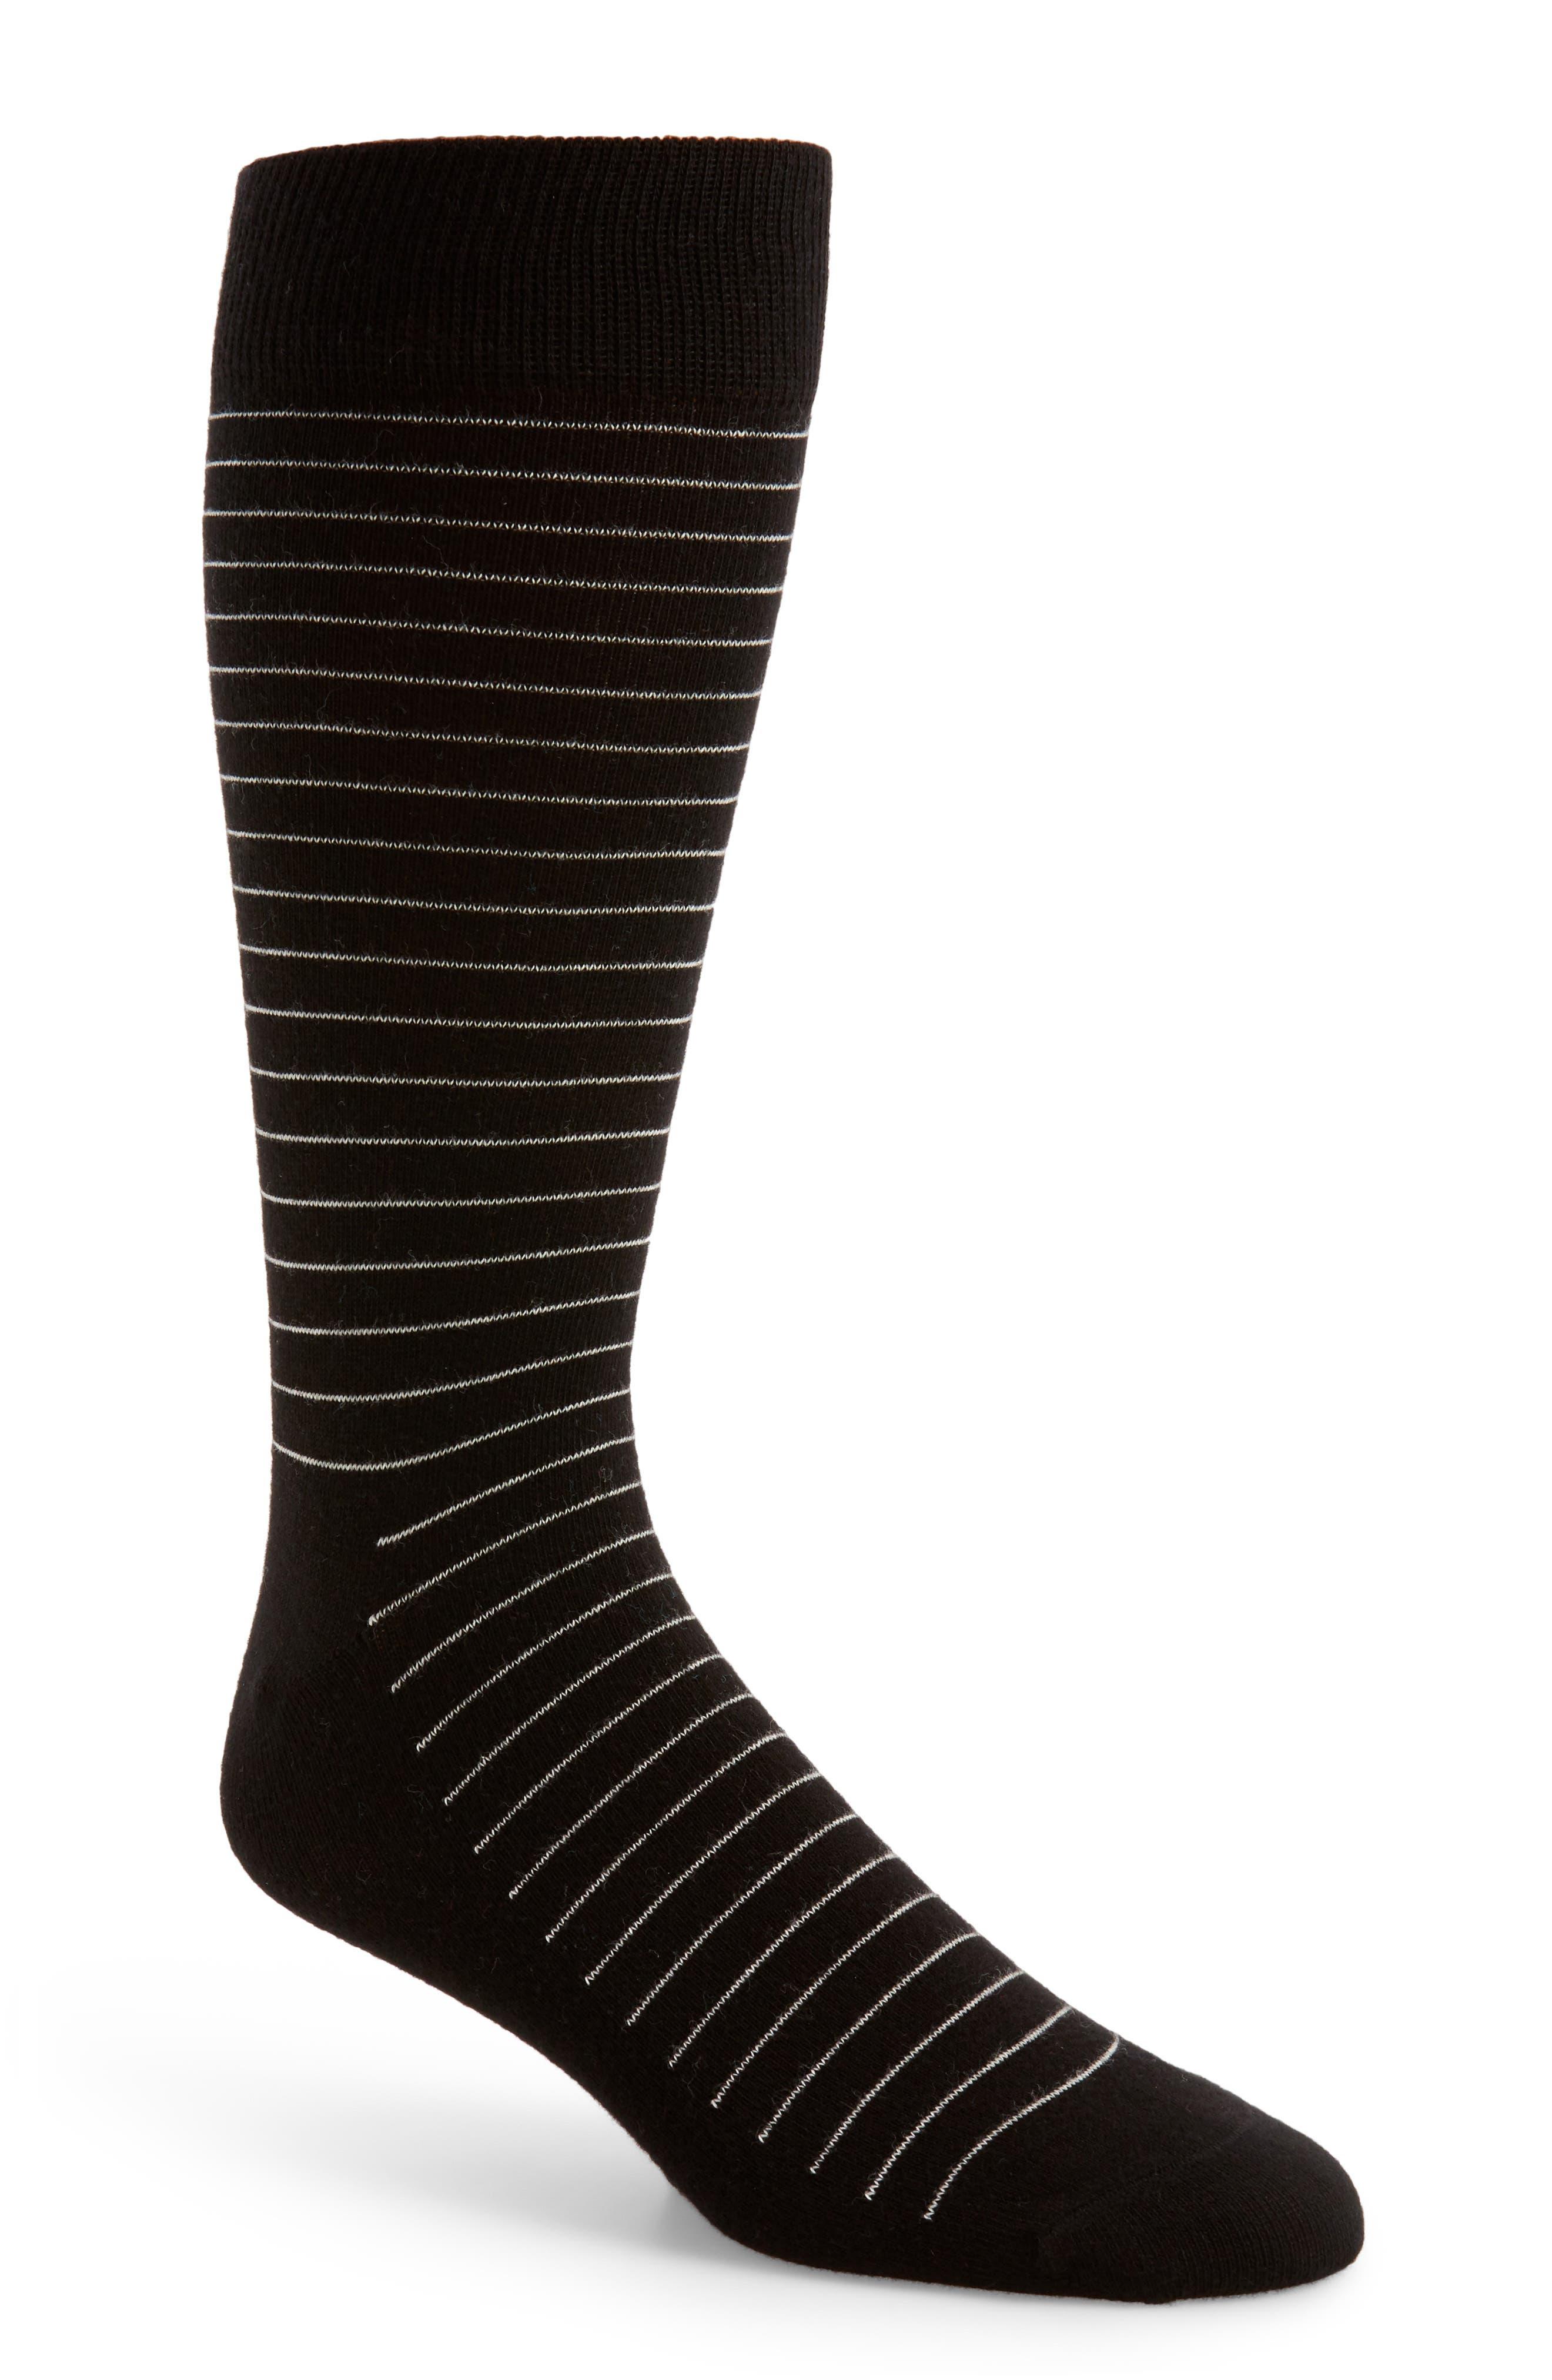 Alternate Image 1 Selected - Happy Socks Thin Stripe Socks